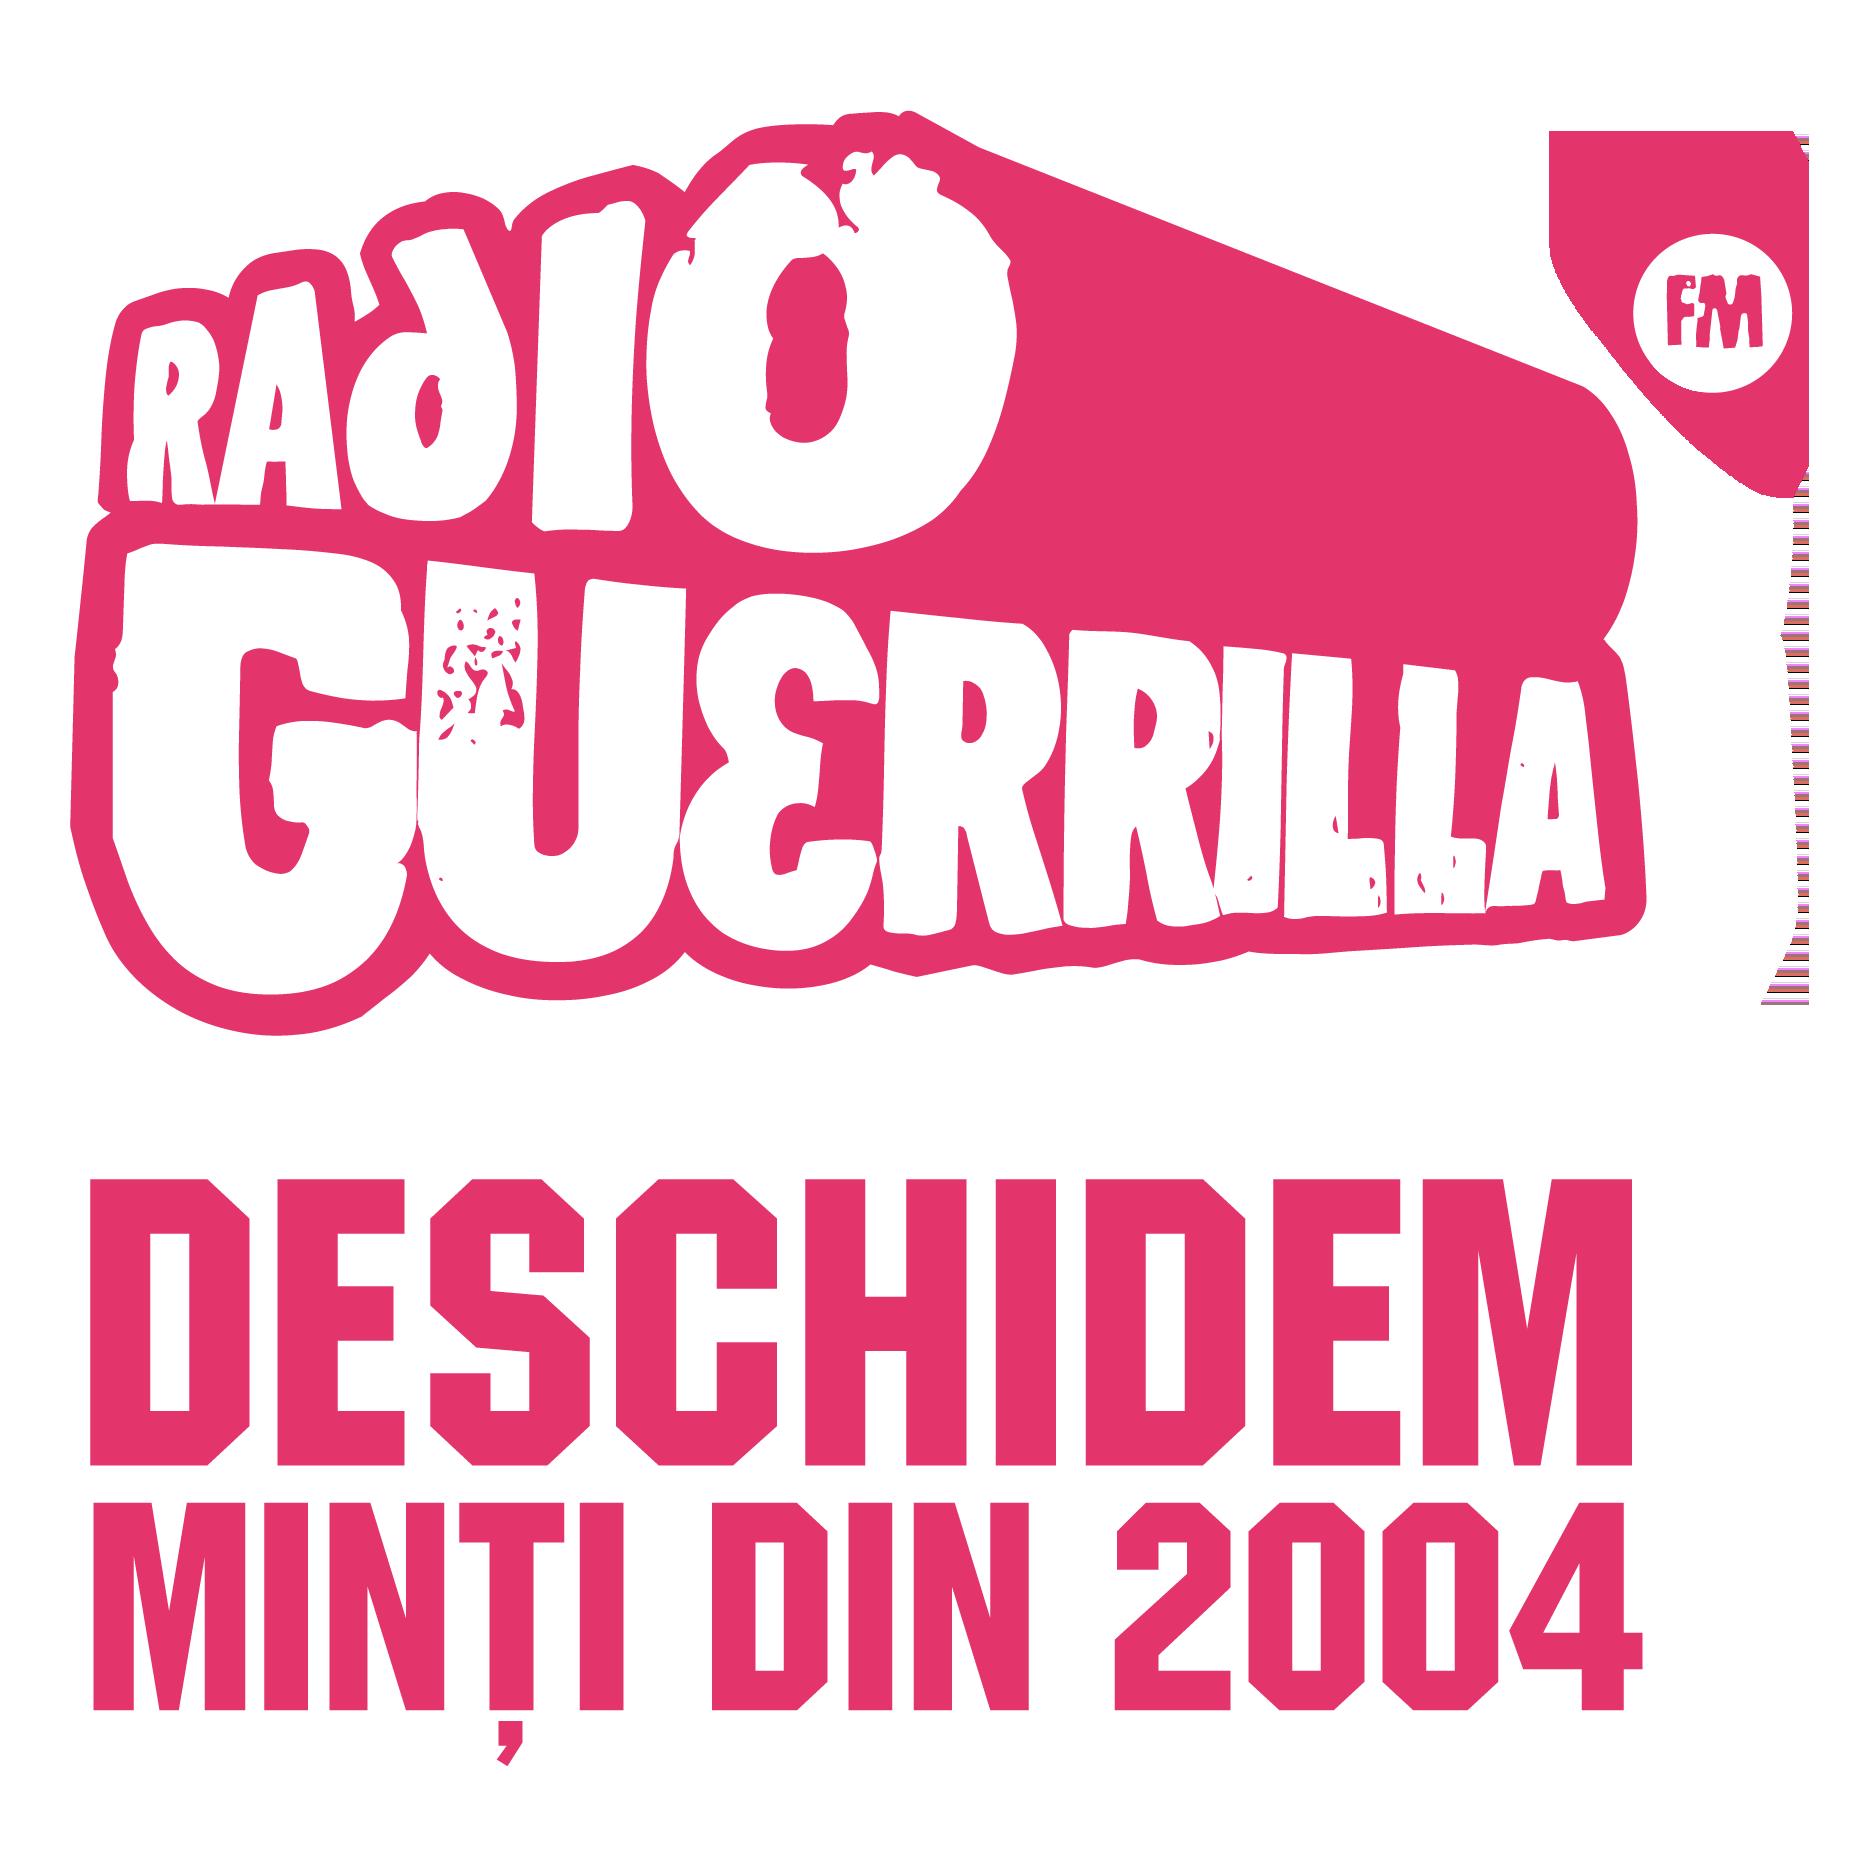 Radio Guerilla, Binili Invinge